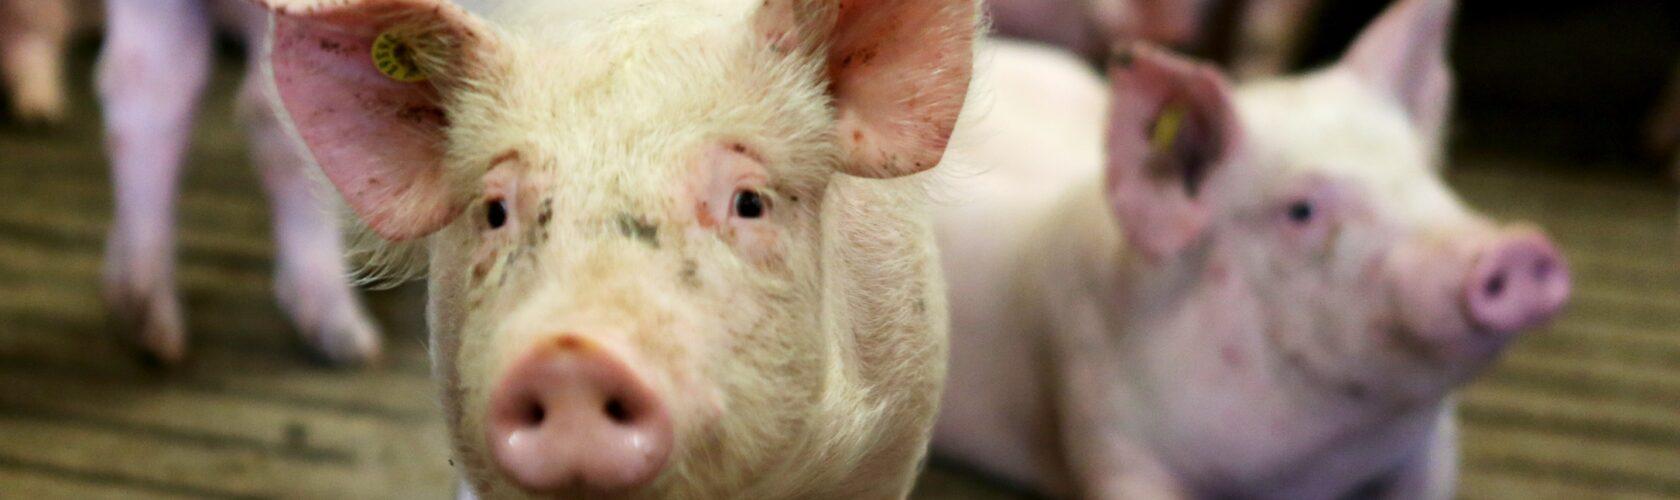 beeld varken in vee-industrie